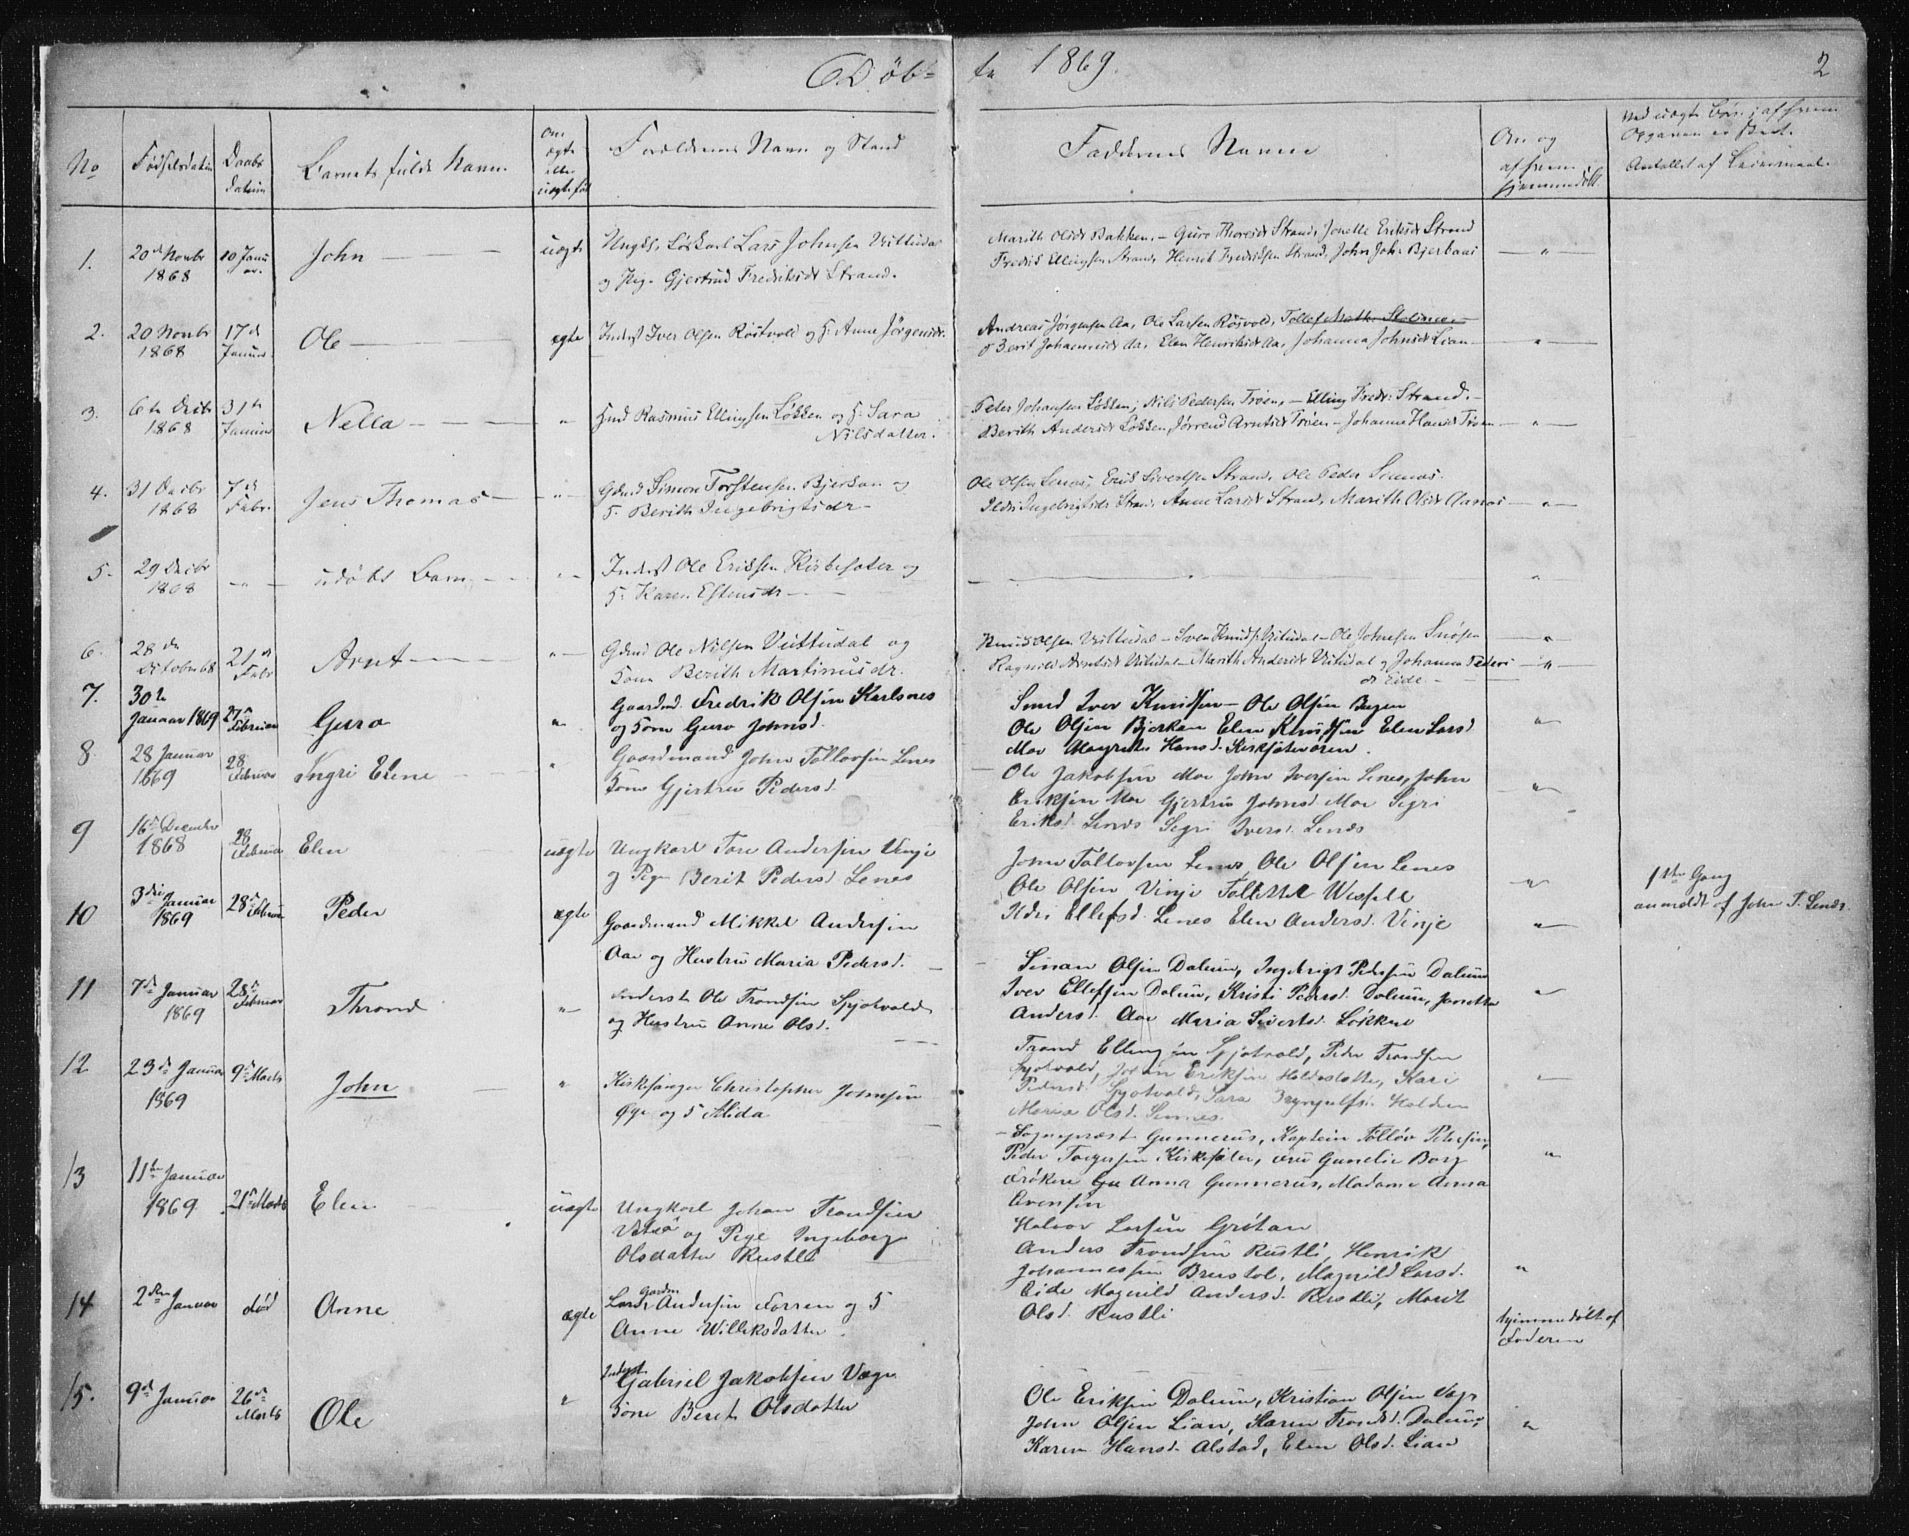 SAT, Ministerialprotokoller, klokkerbøker og fødselsregistre - Sør-Trøndelag, 630/L0503: Klokkerbok nr. 630C01, 1869-1878, s. 2